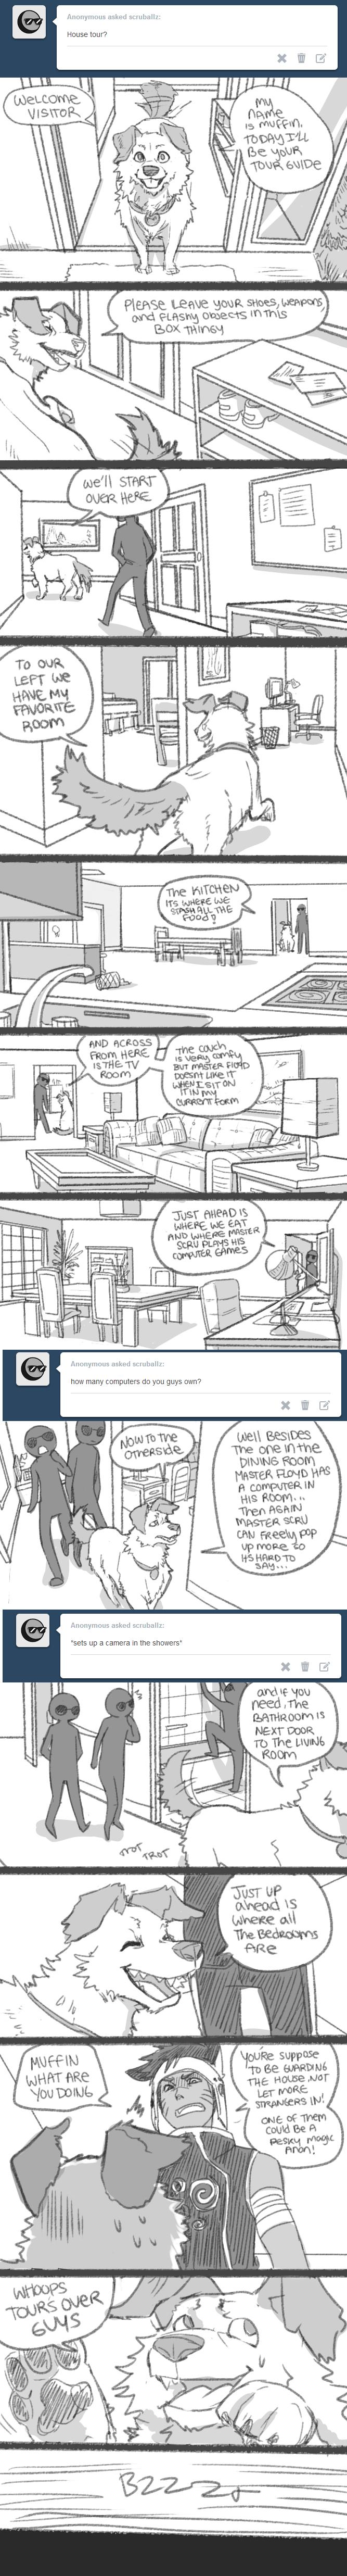 Ask SCRU Tumblr House Tour by TheK40